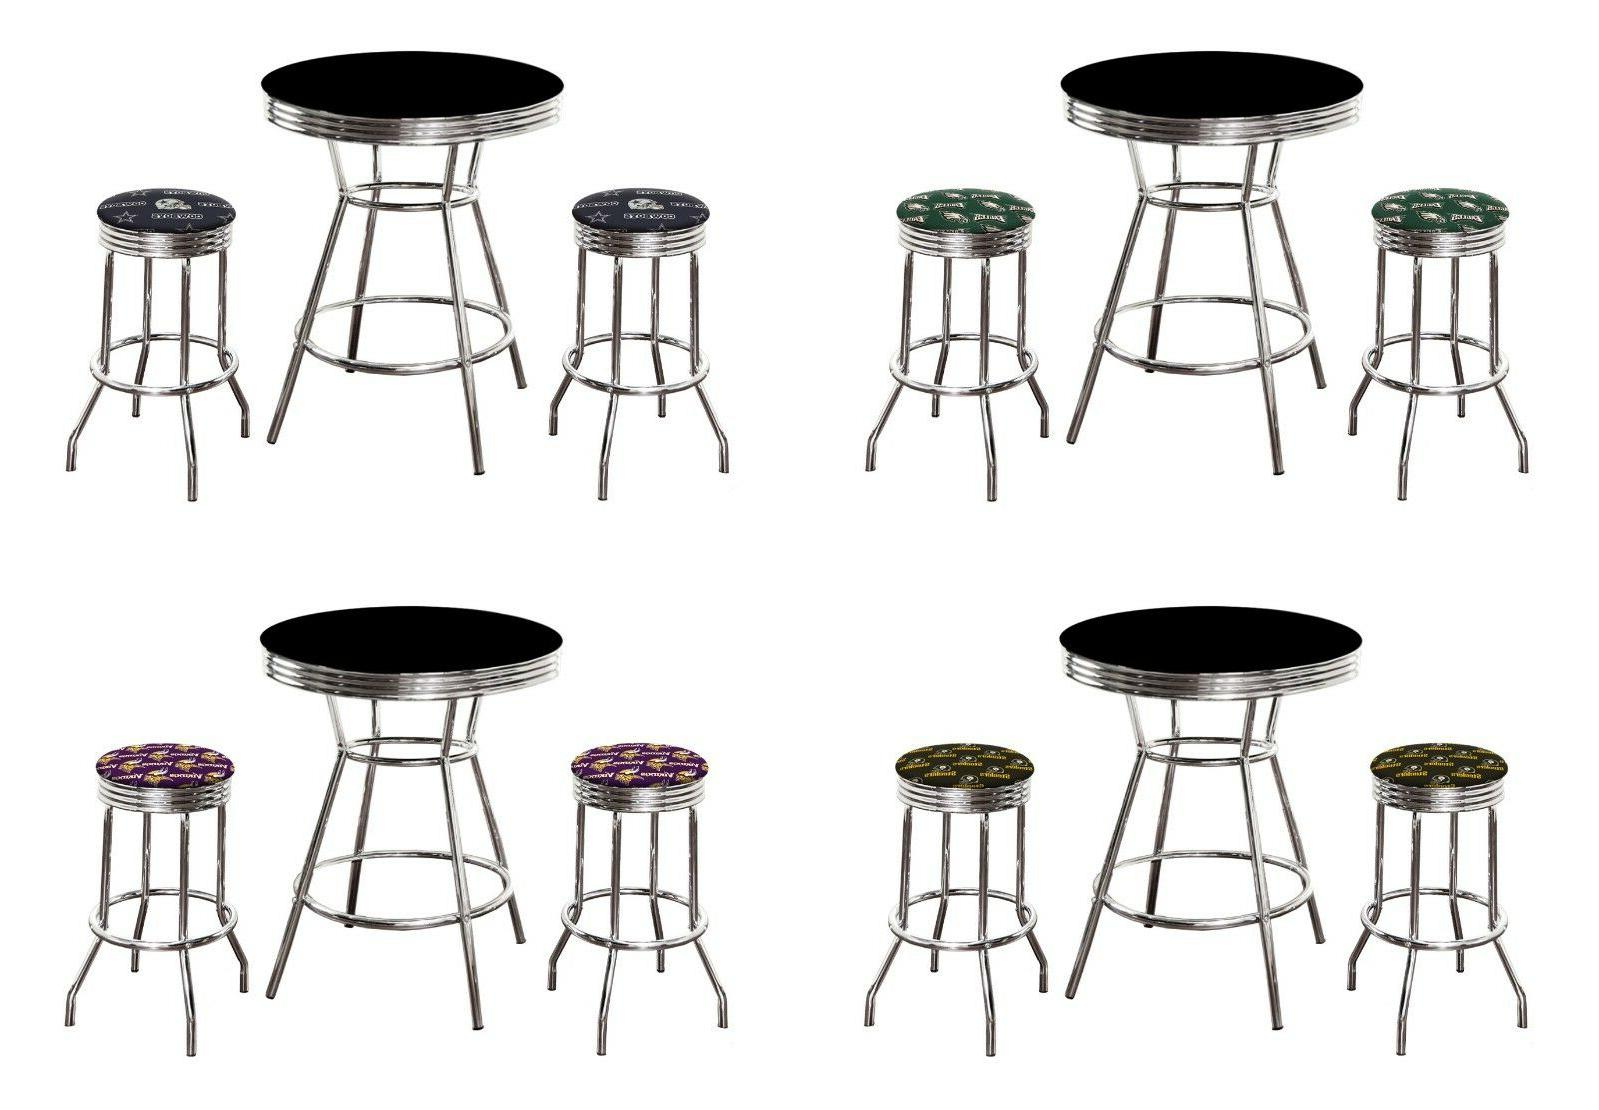 nfl black chrome pub table set w